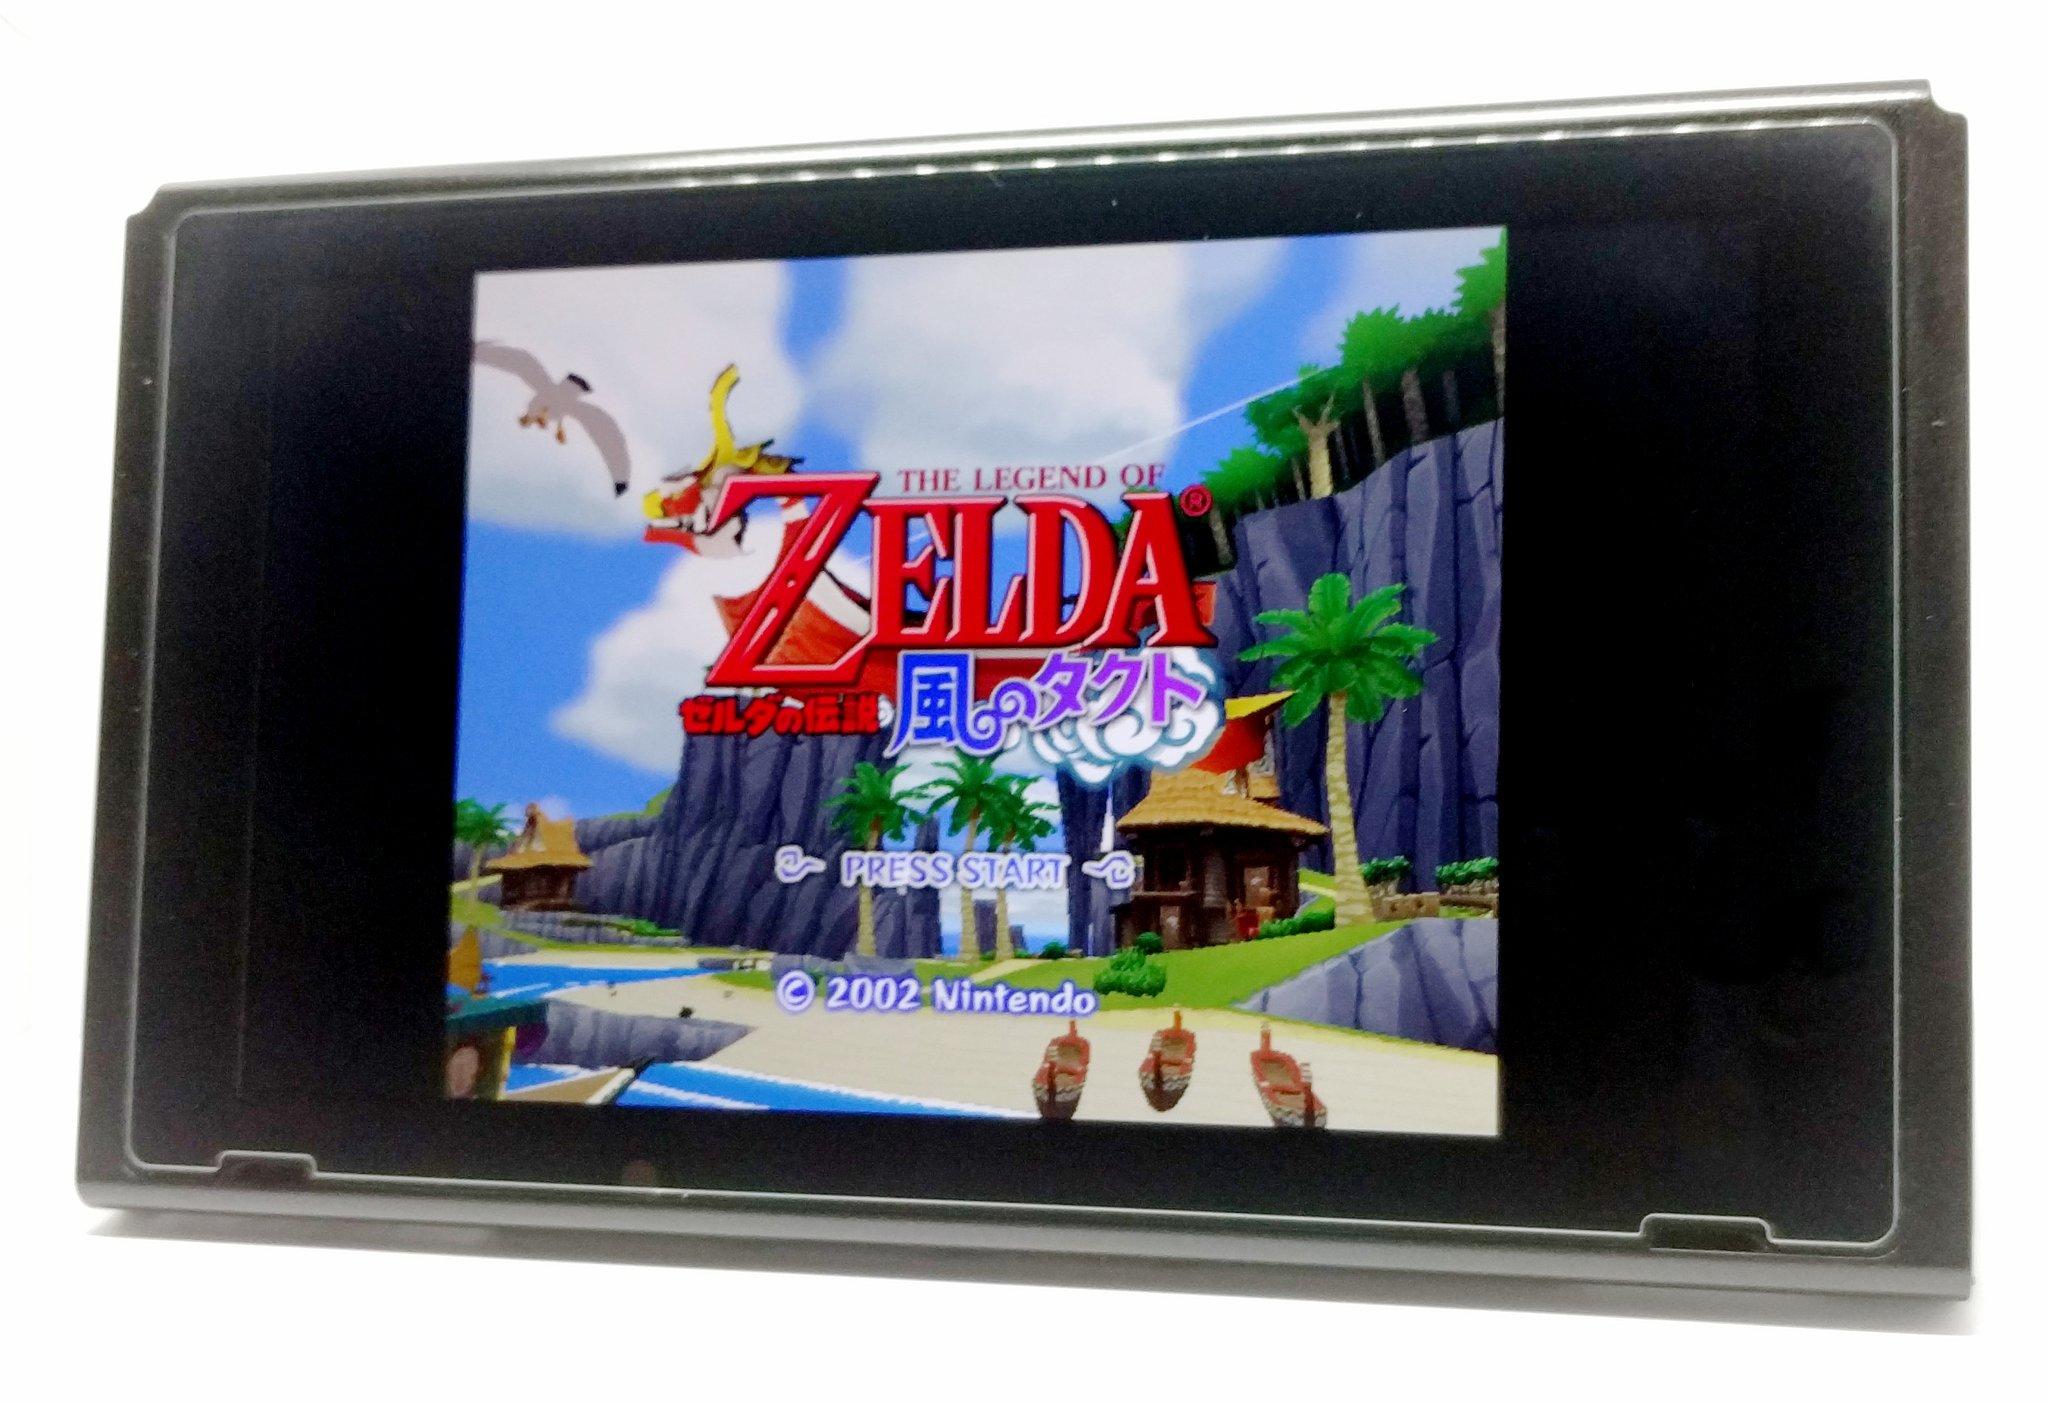 Недавно выложенный эксплоит позволяет взломать любую консоль Nintendo Switch